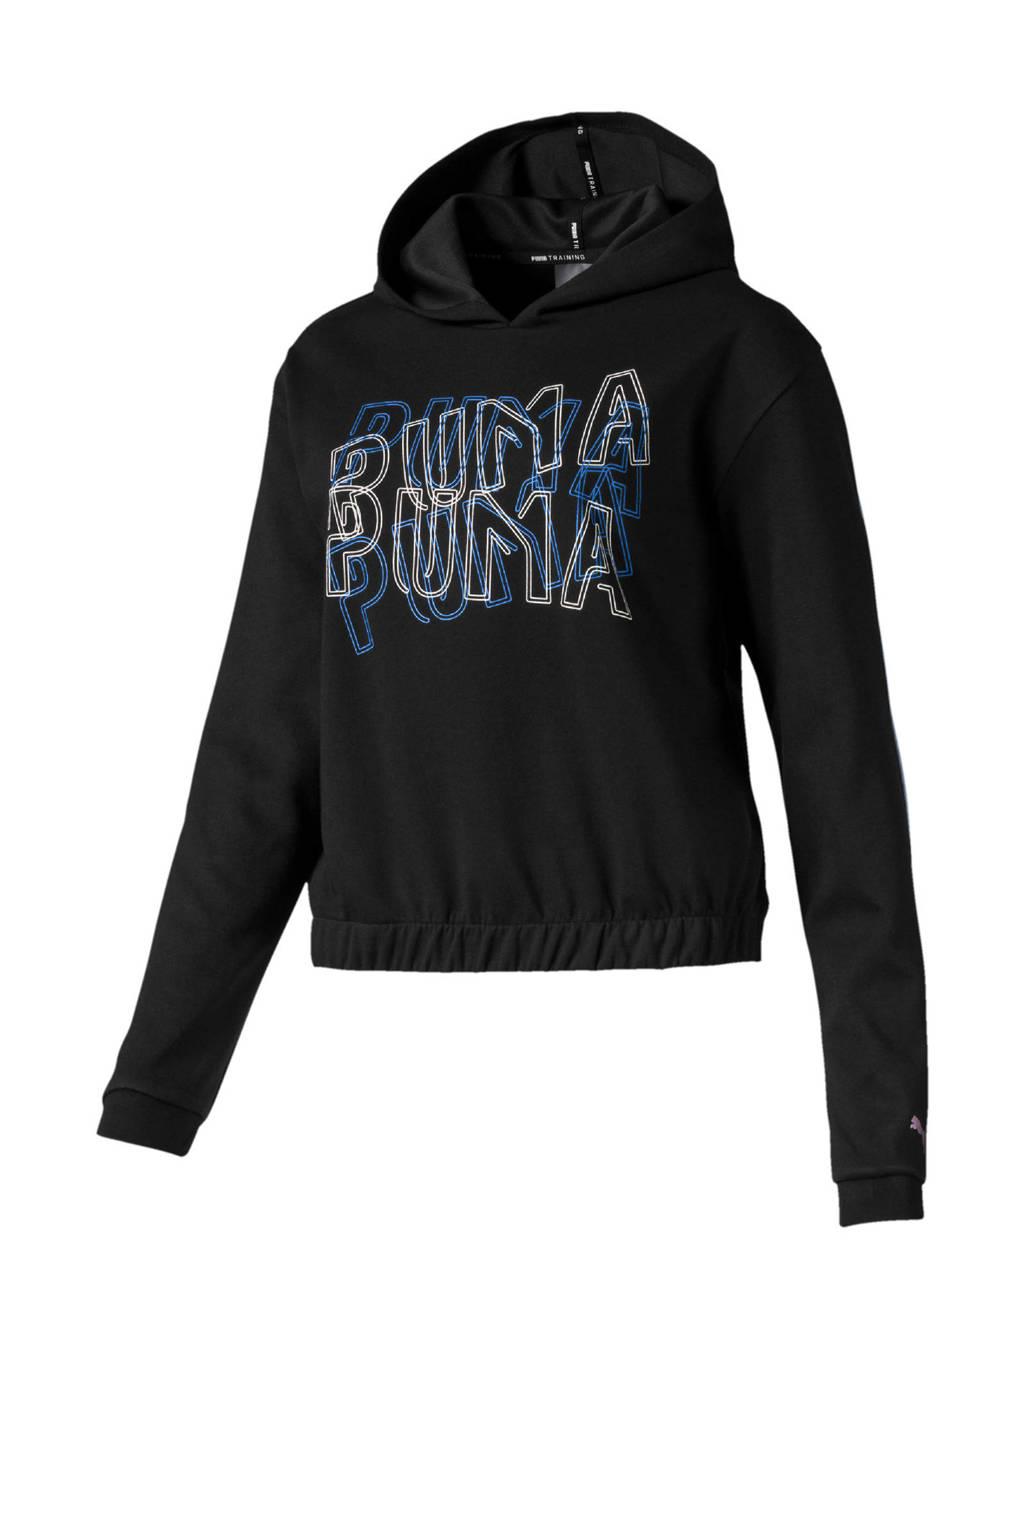 Puma sportsweater zwart, Zwart/blauw